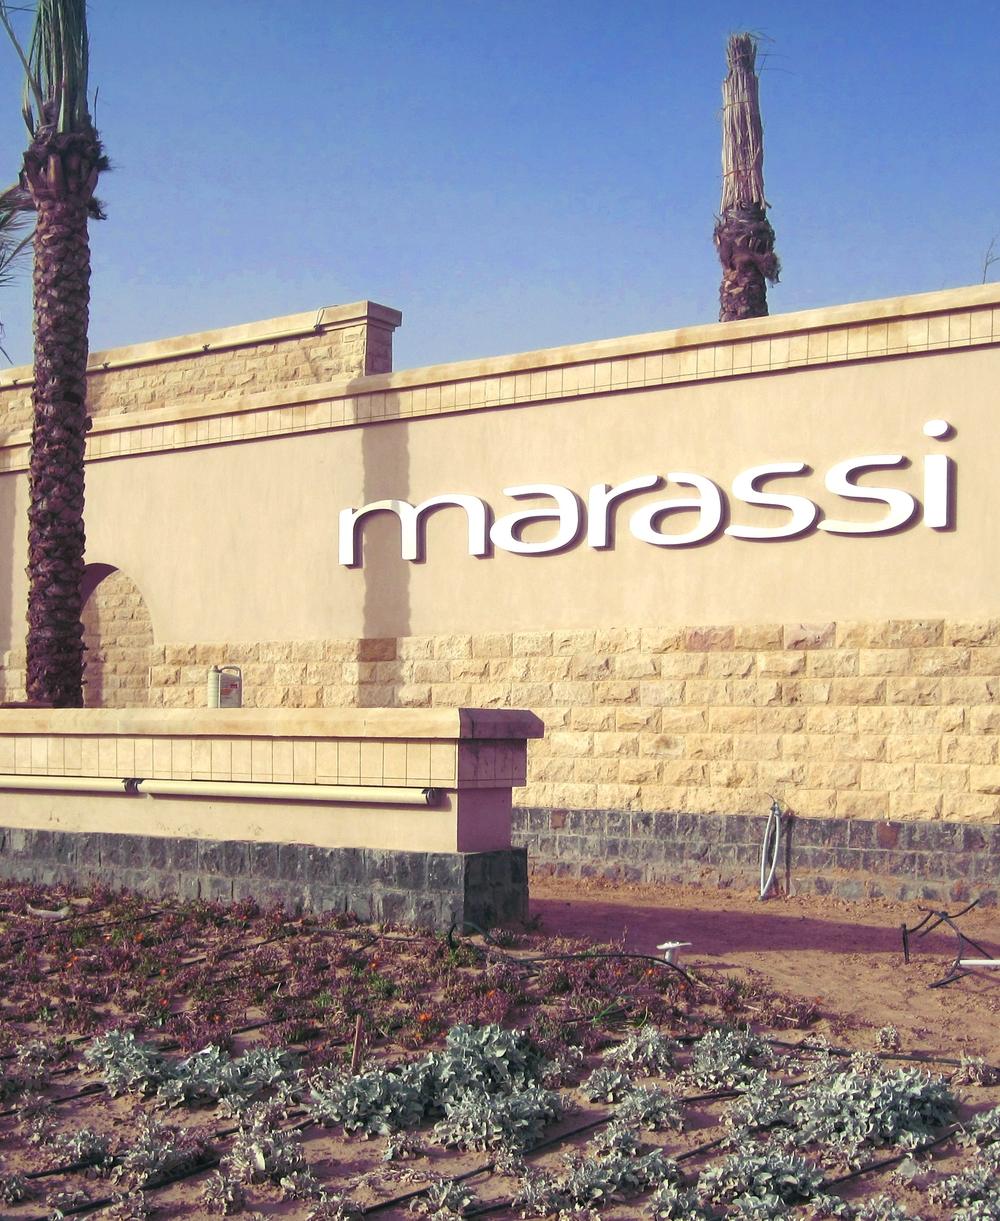 MARASSI Urban Design / Landscape Architecture / Building Design Sidi Abdel Rahman, Egypt